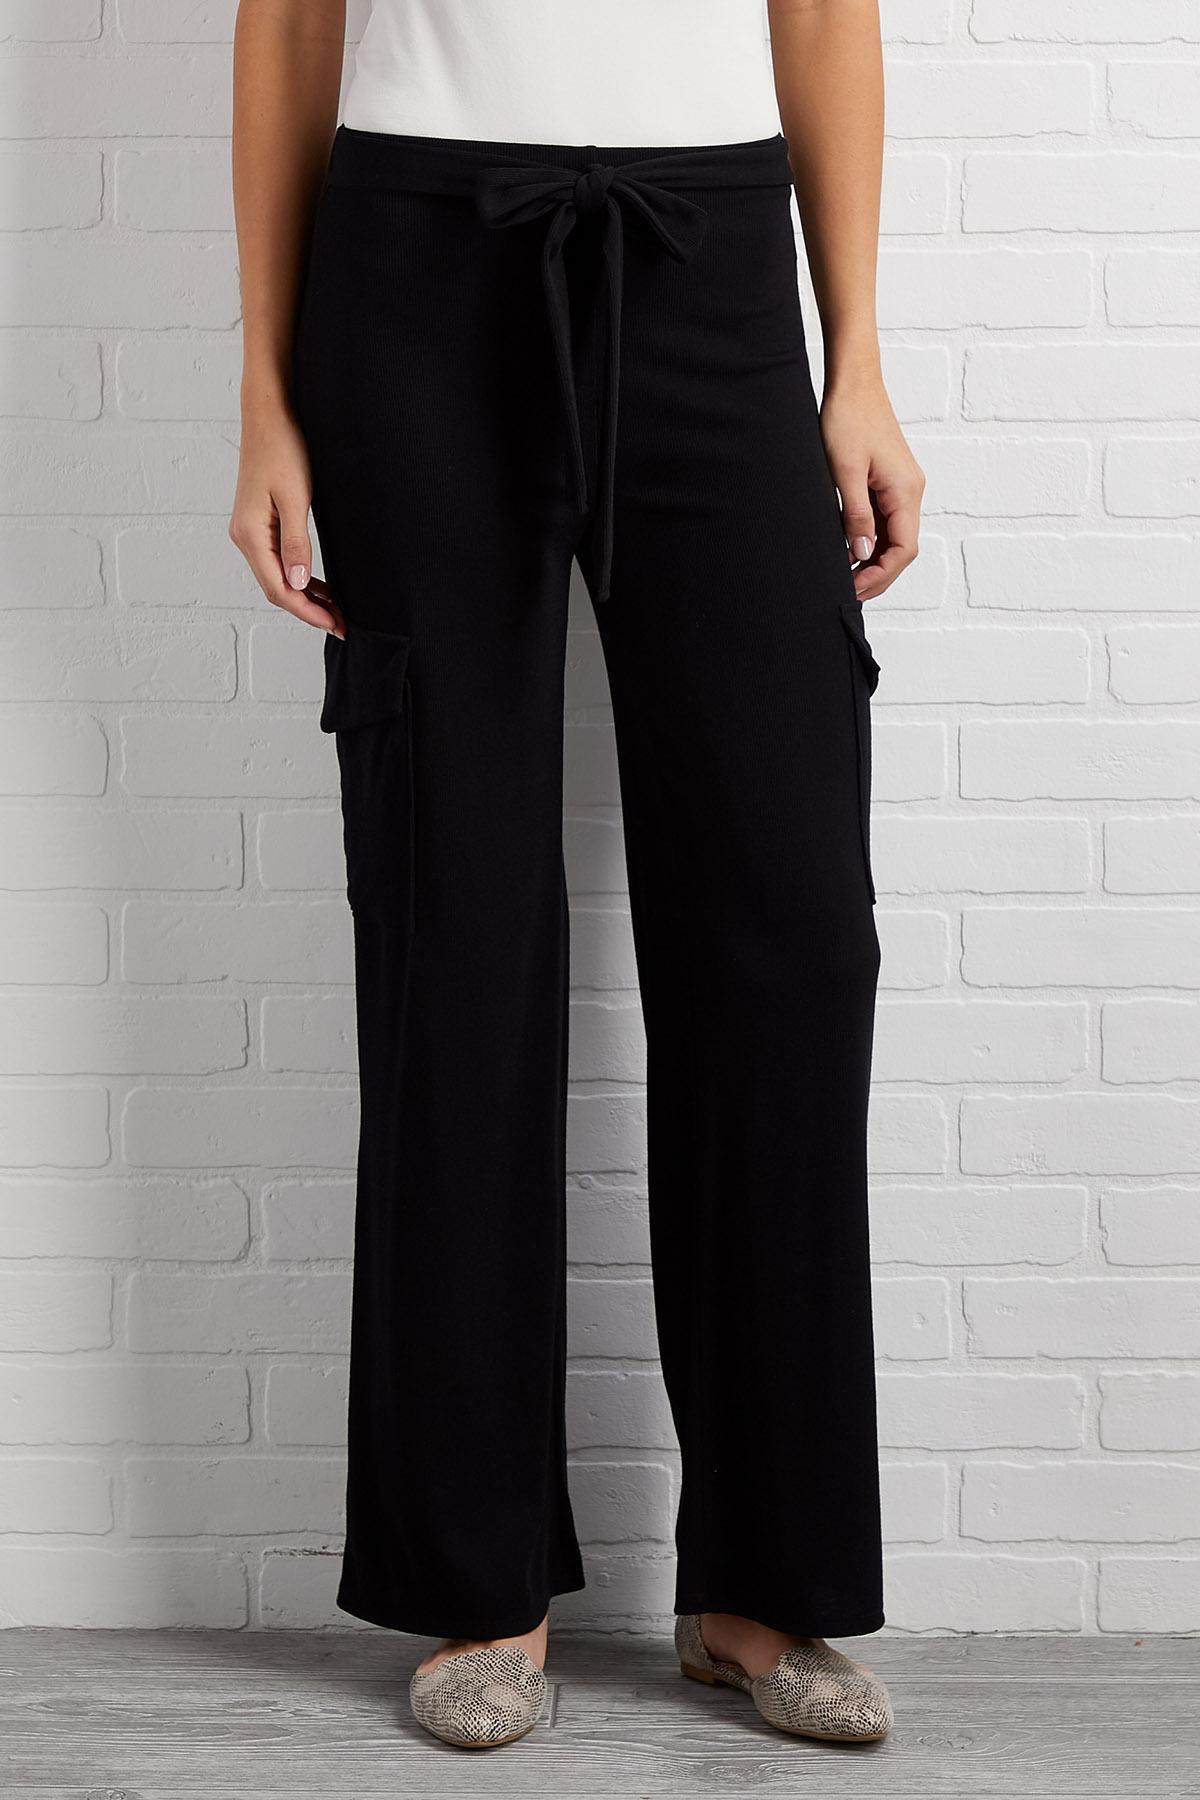 Ties Wide Open Pants